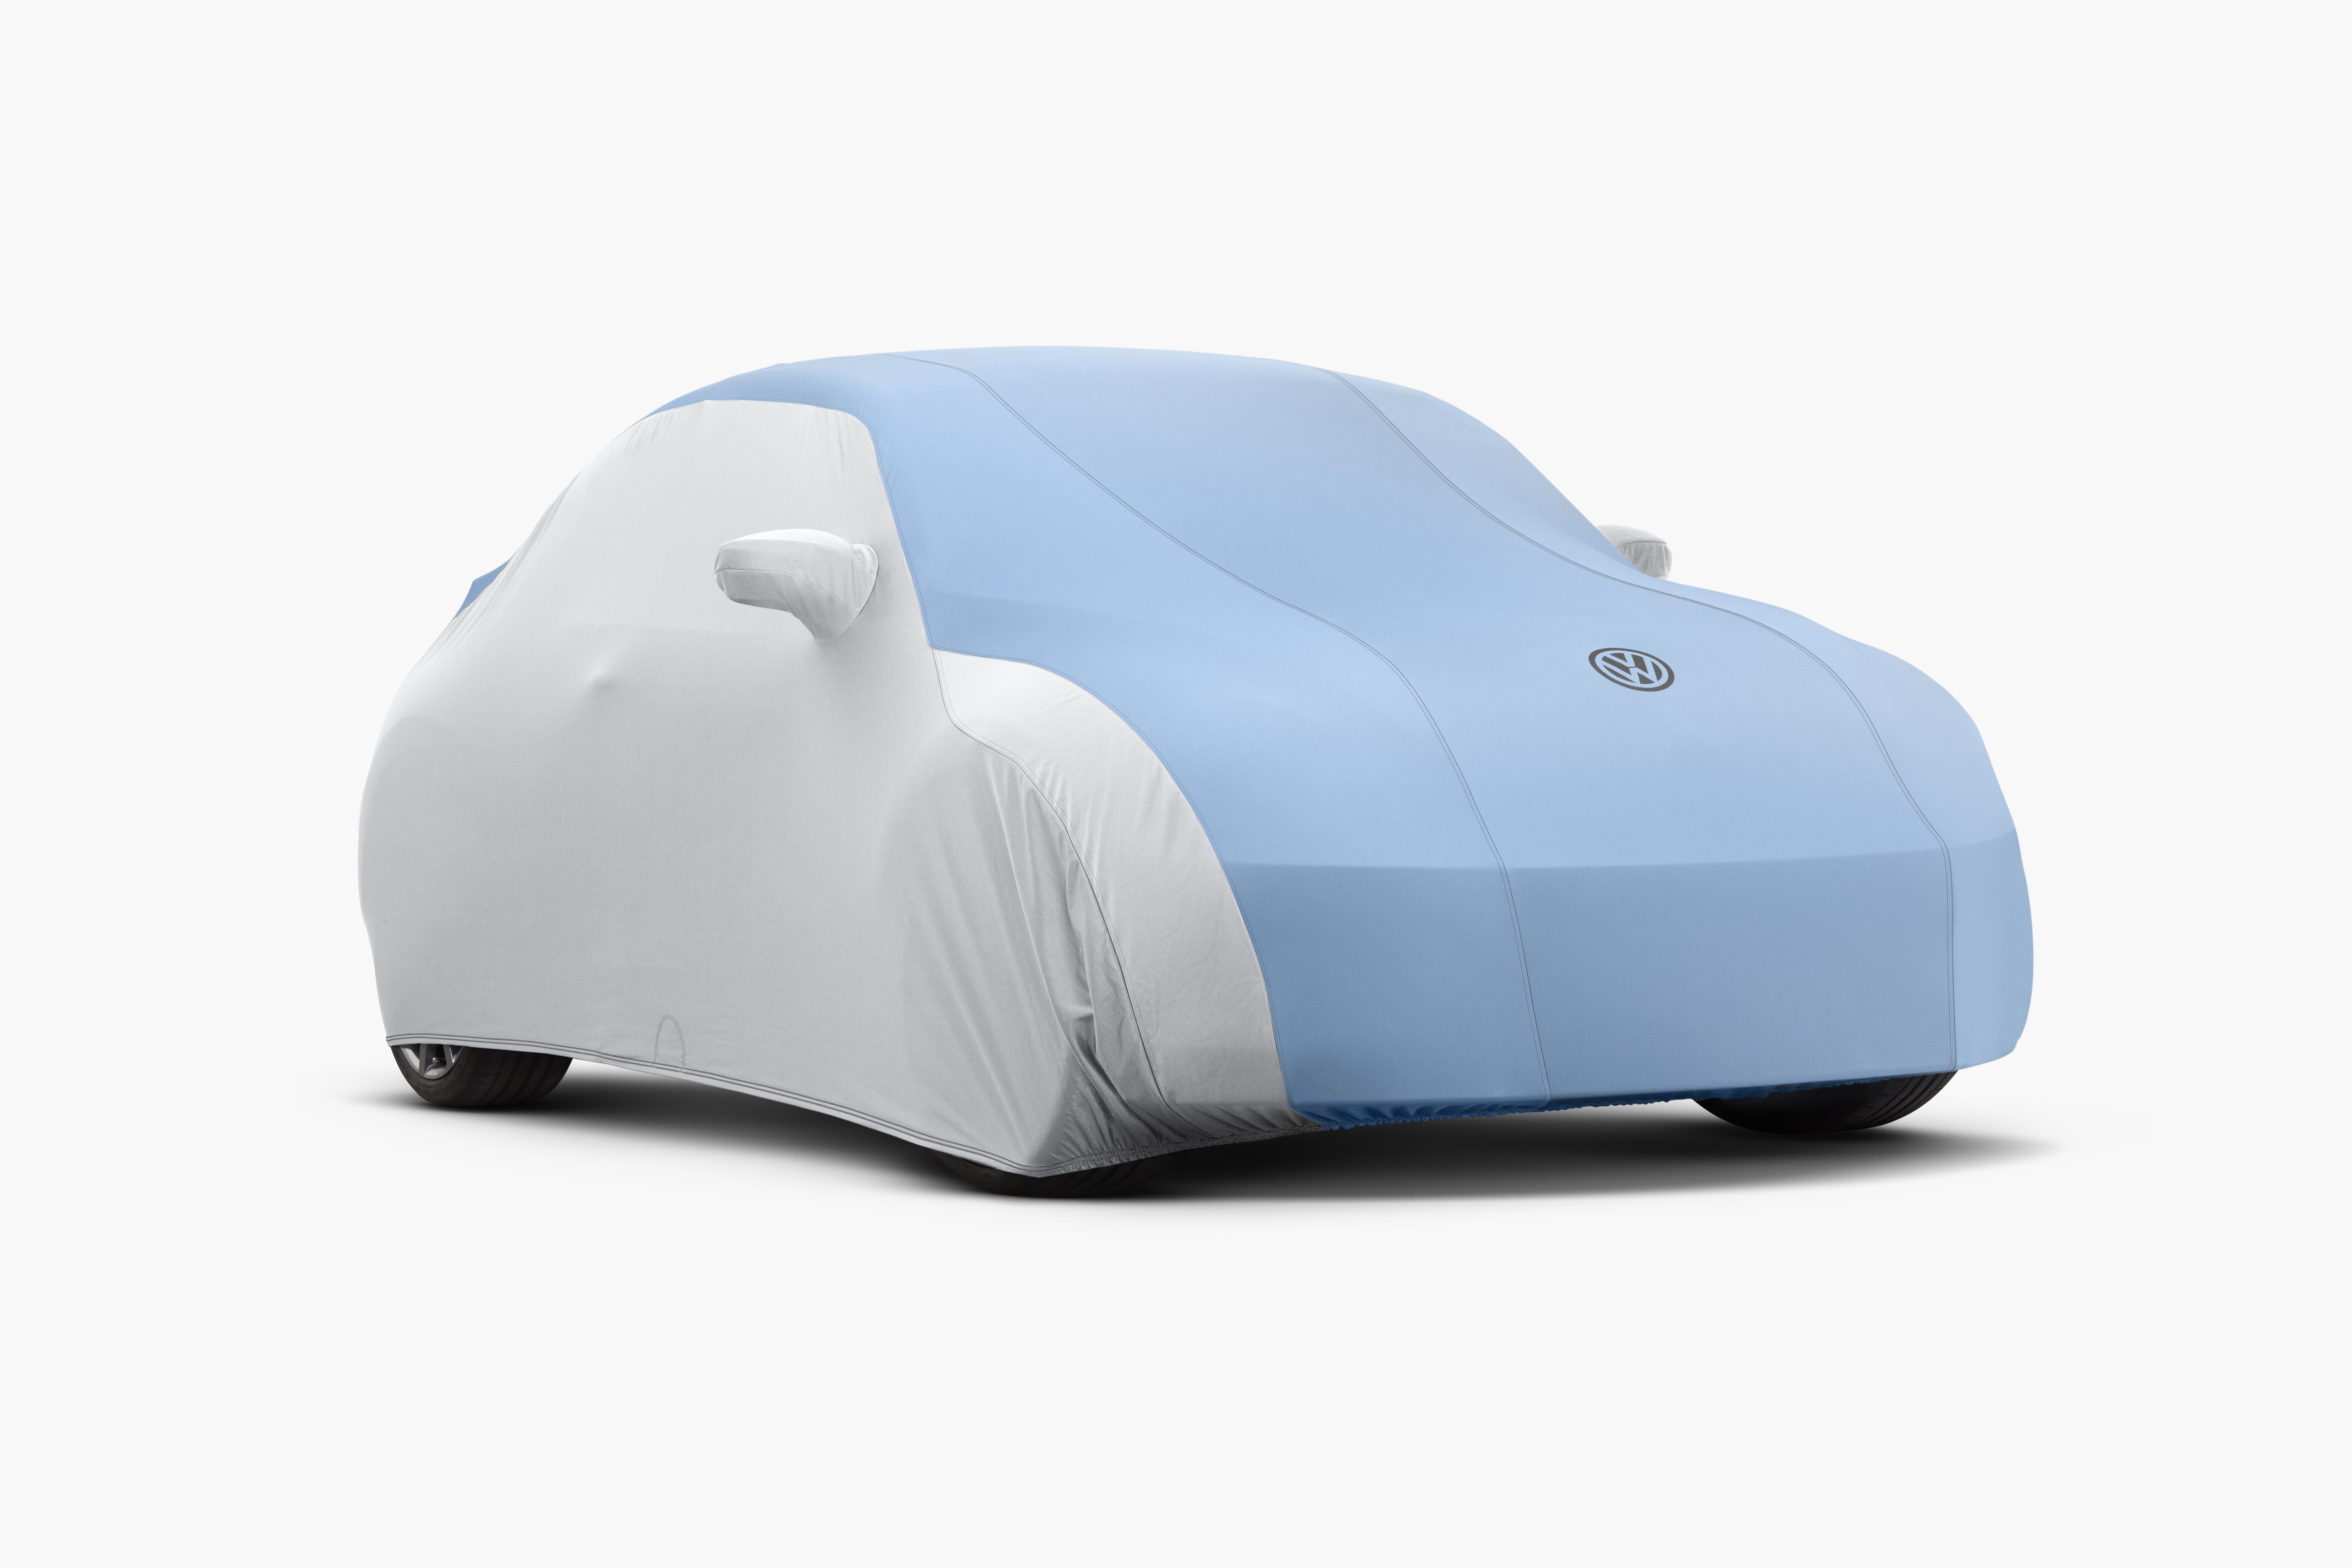 2017 Volkswagen Beetle Convertible Car Cover Beetle Denim